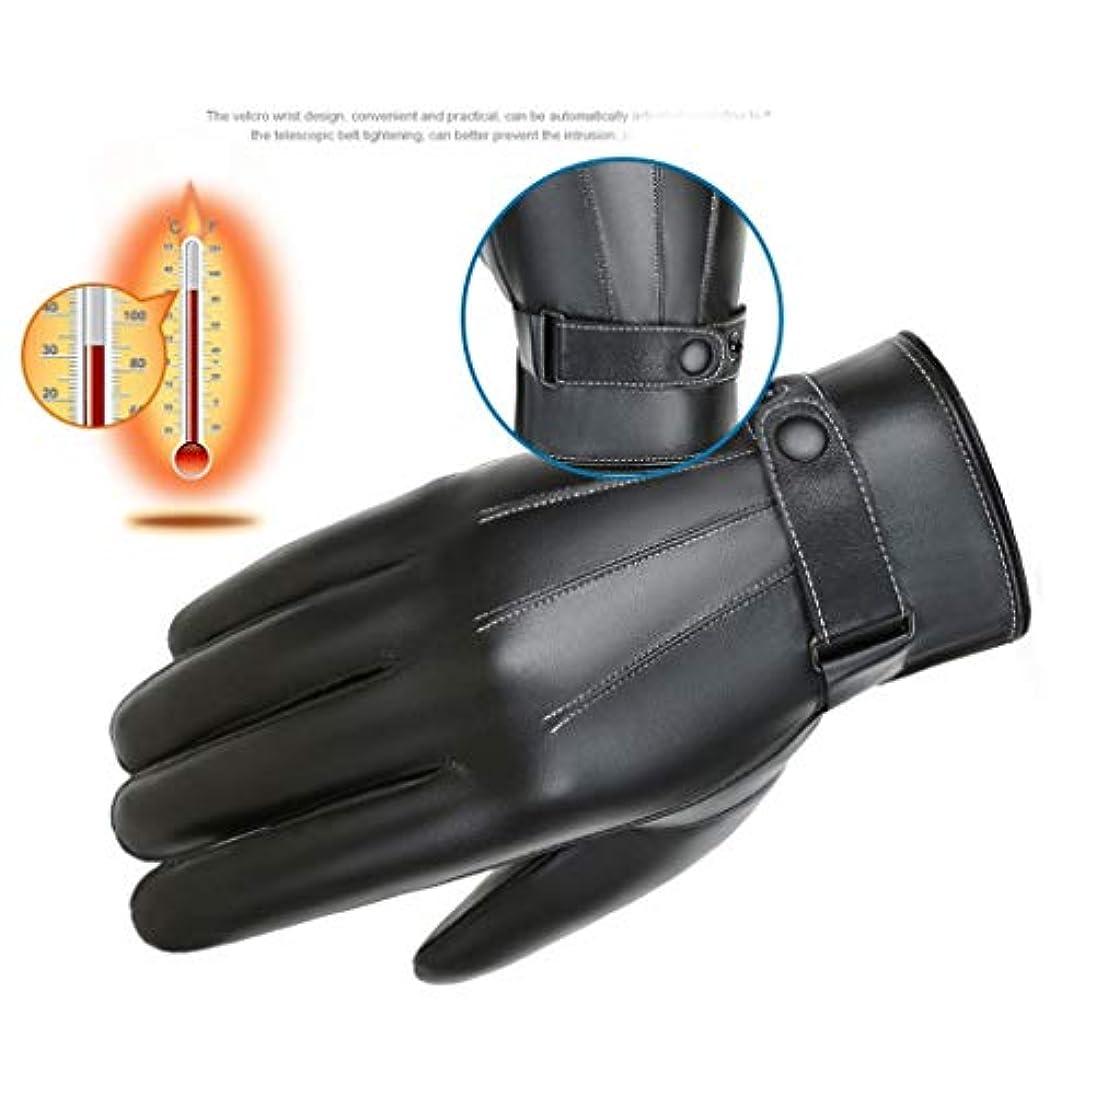 収束するキーどんなときもタッチスクリーンのメンズグローブ冬プラスベルベット厚い暖かい防風防水ライドバイクバイクの乗り物の手袋